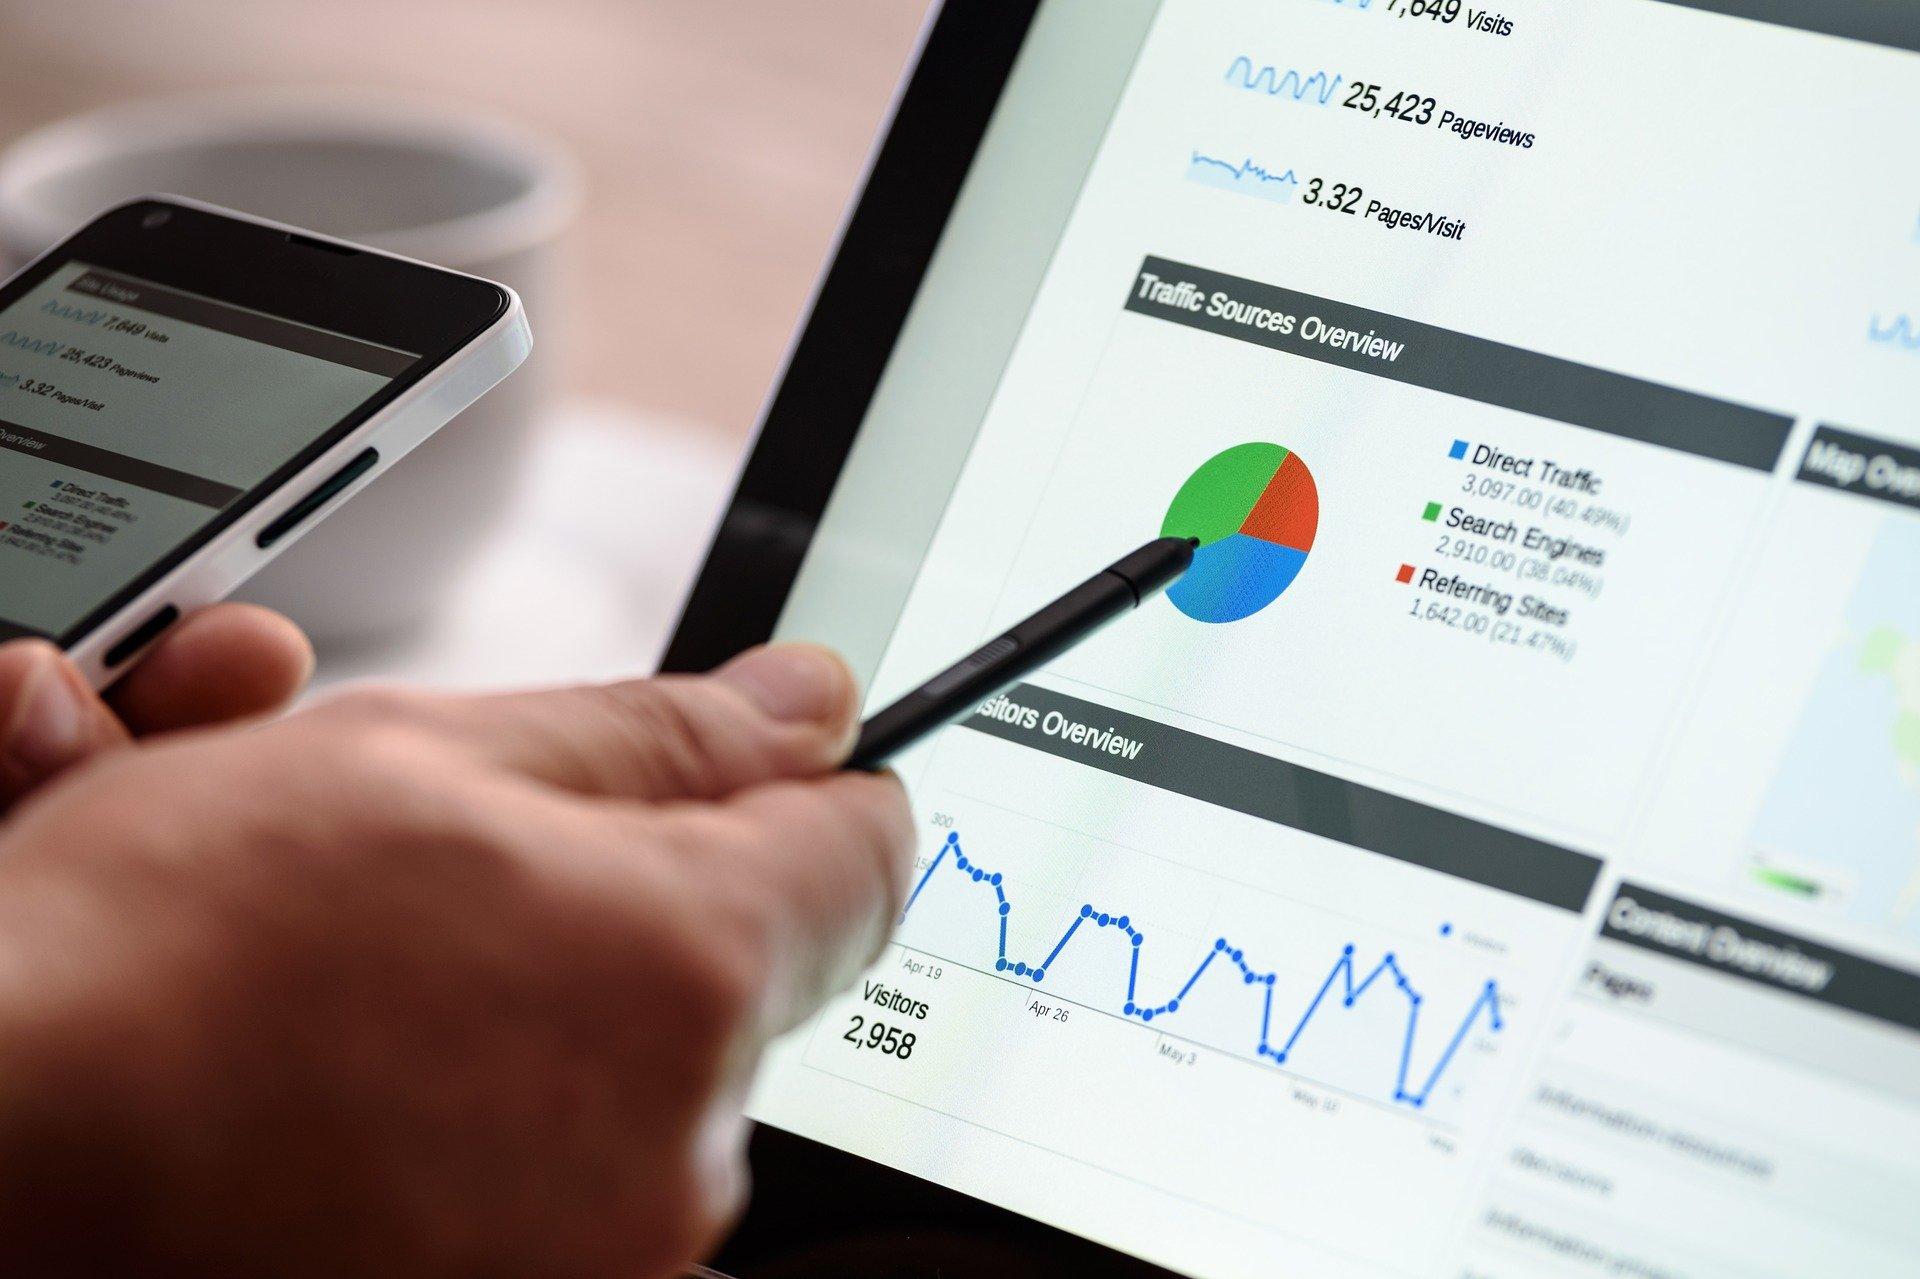 Des étapes importantes pour optimiser votre référencement sur le web